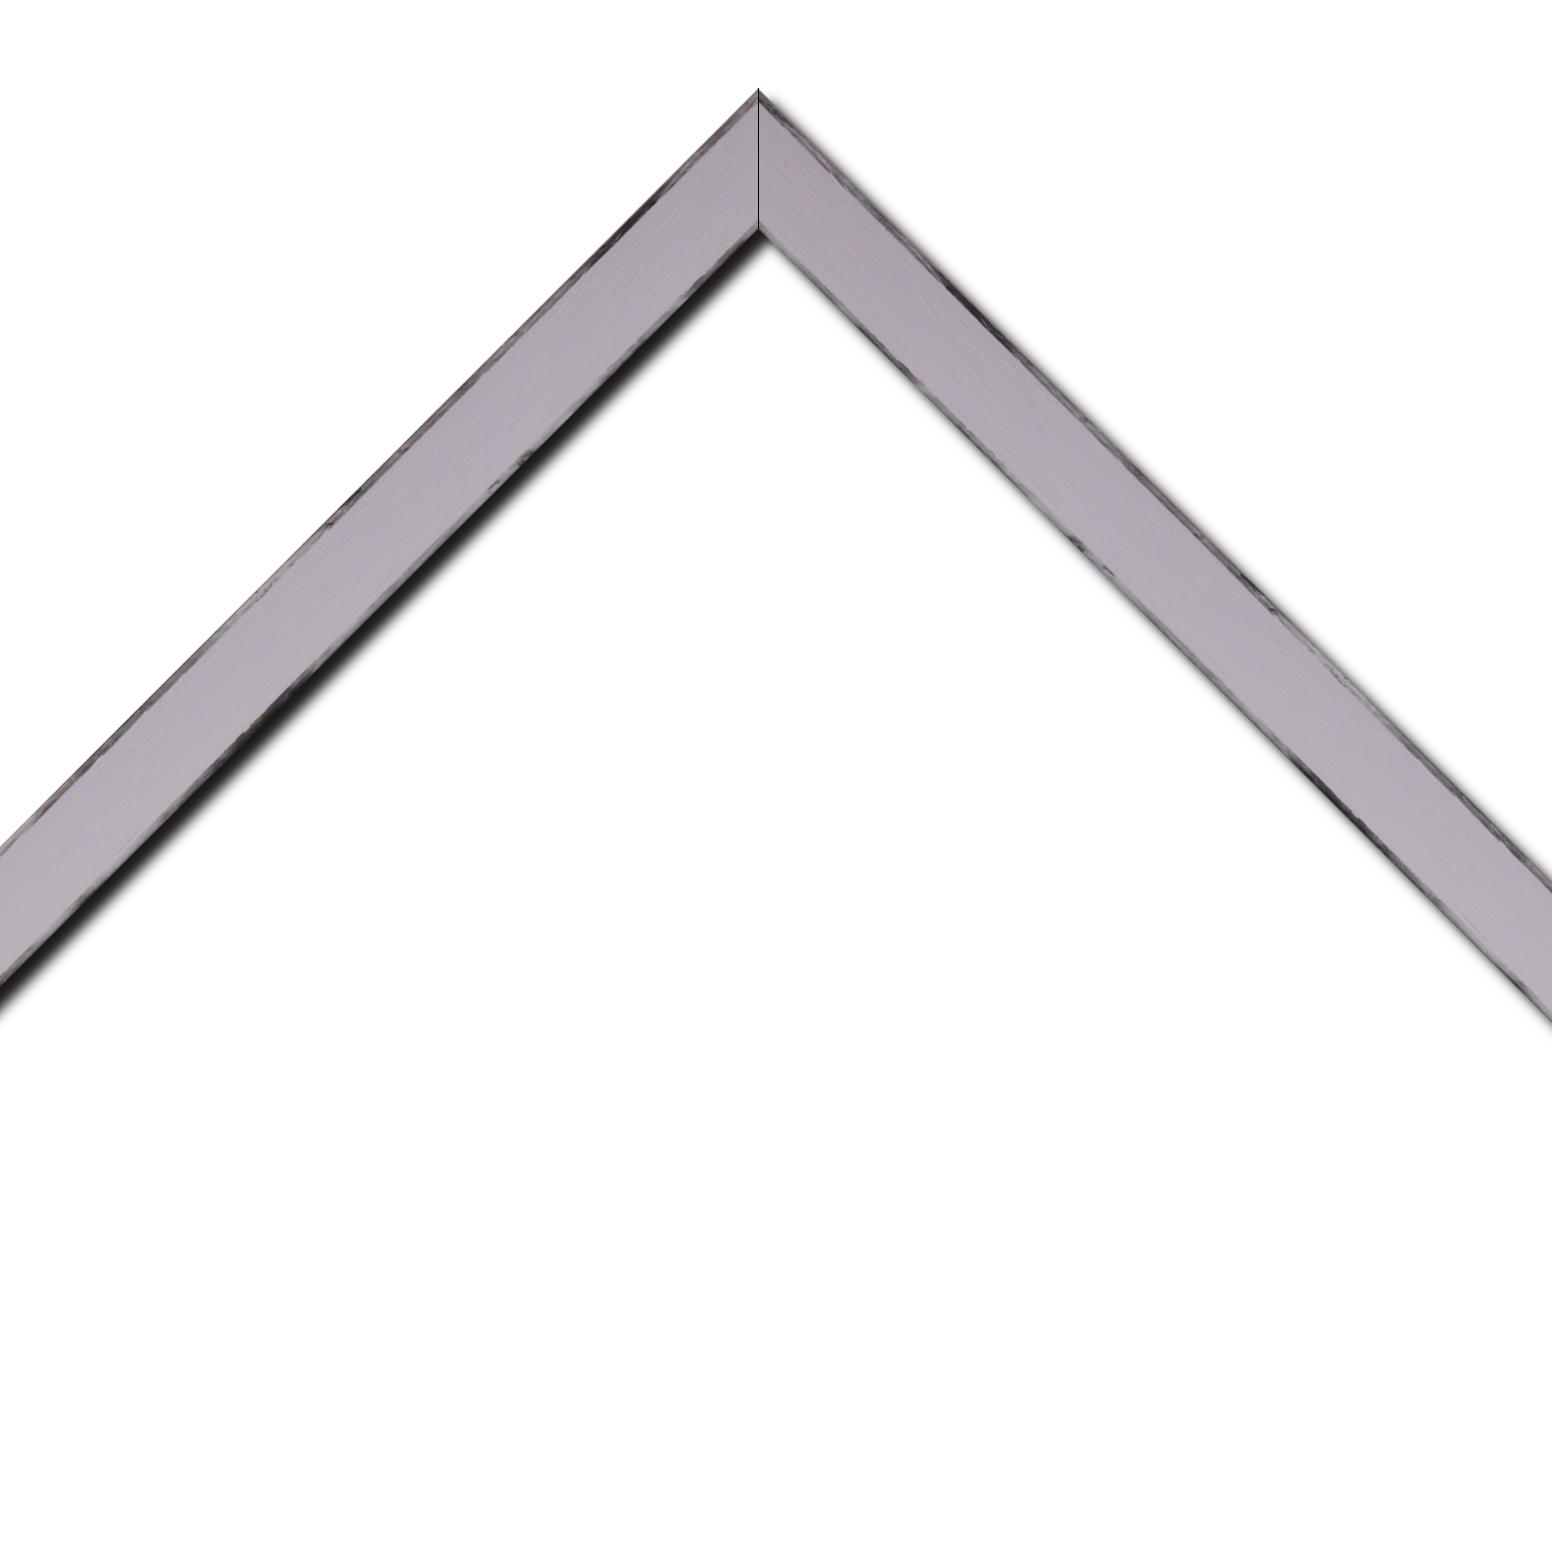 Baguette bois profil concave largeur 2.4cm couleur parme satiné arêtes essuyés noircies de chaque coté